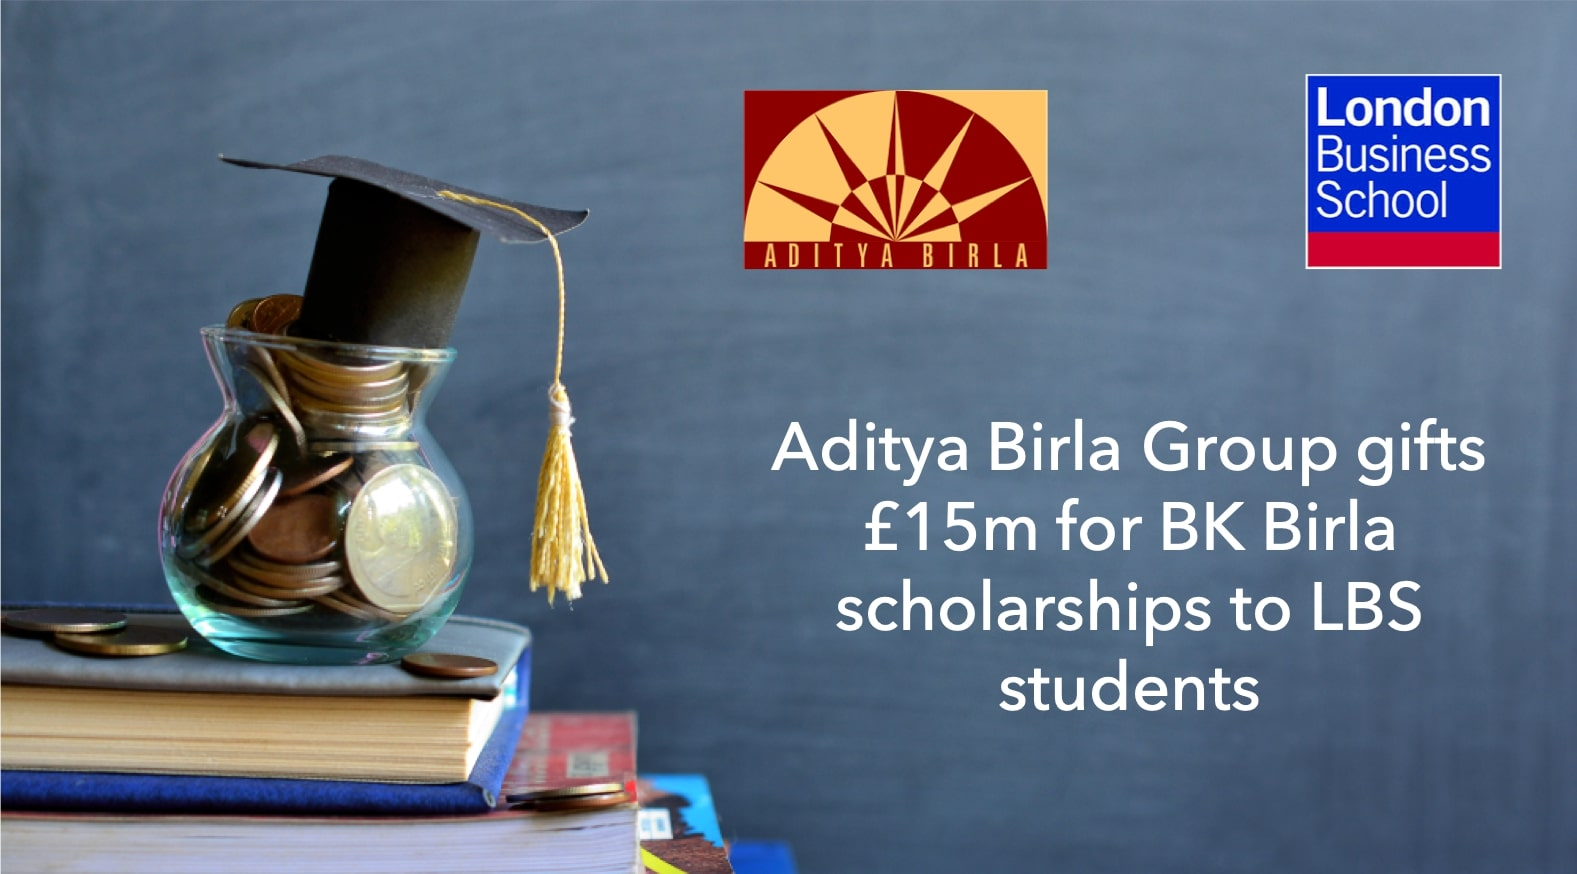 London Business School BK Birla Scholarship